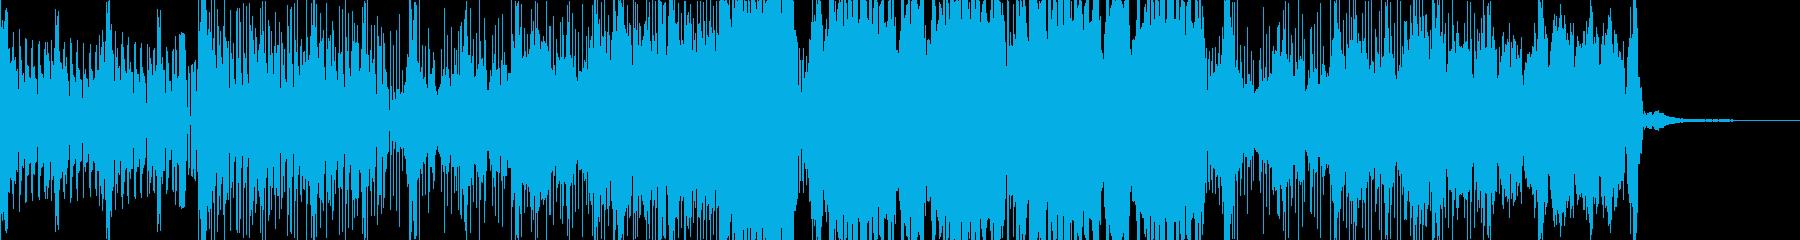 暗めなダンスミュージックの再生済みの波形